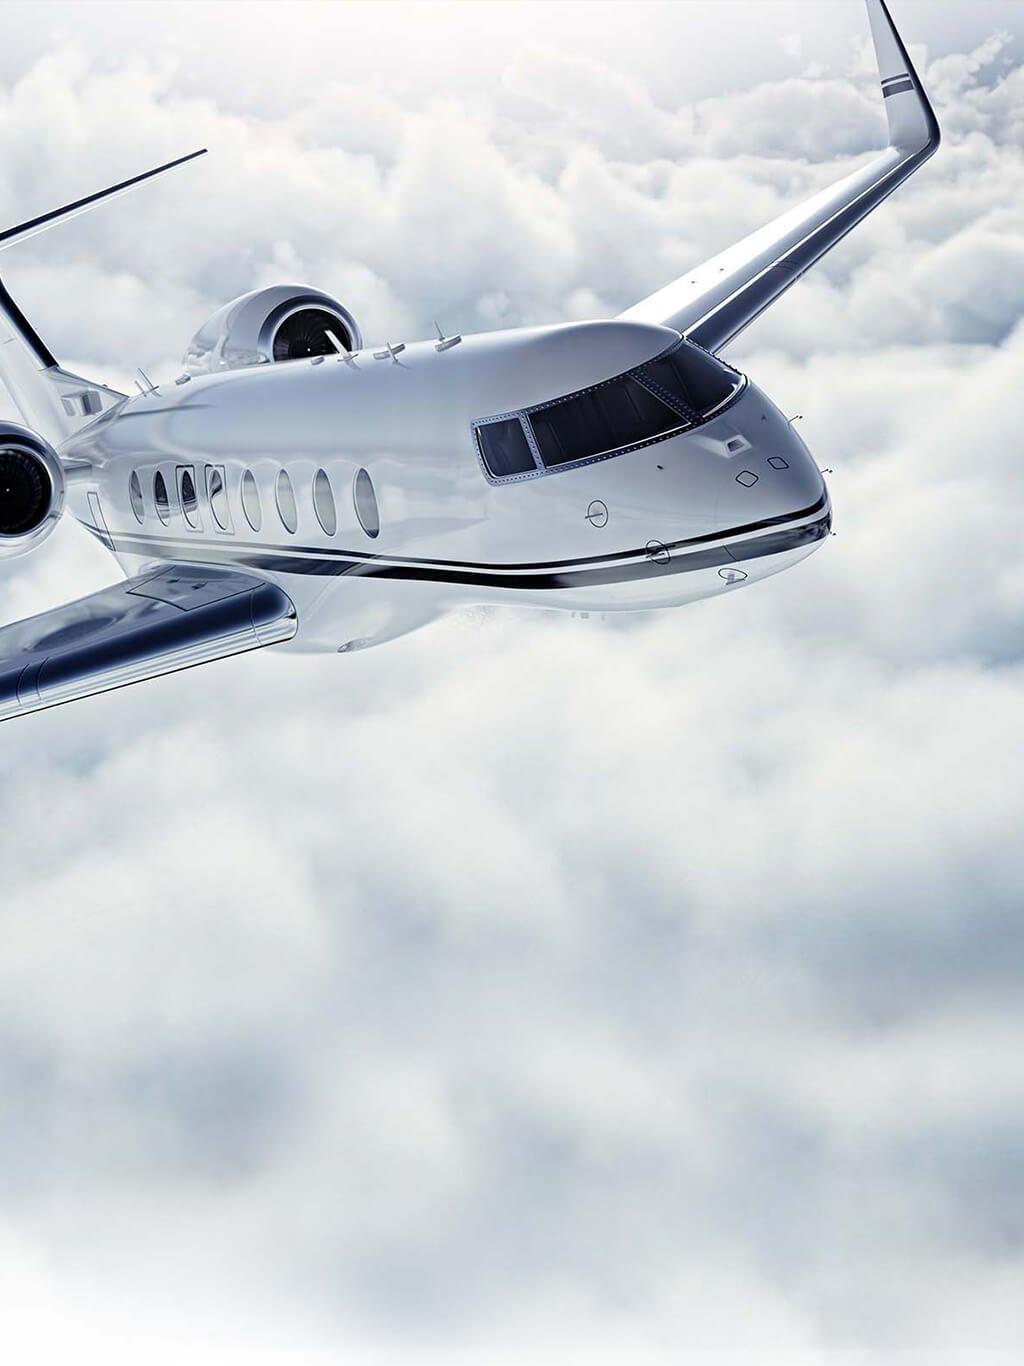 Jet Privato Lussuoso : Jet privato learjet xr